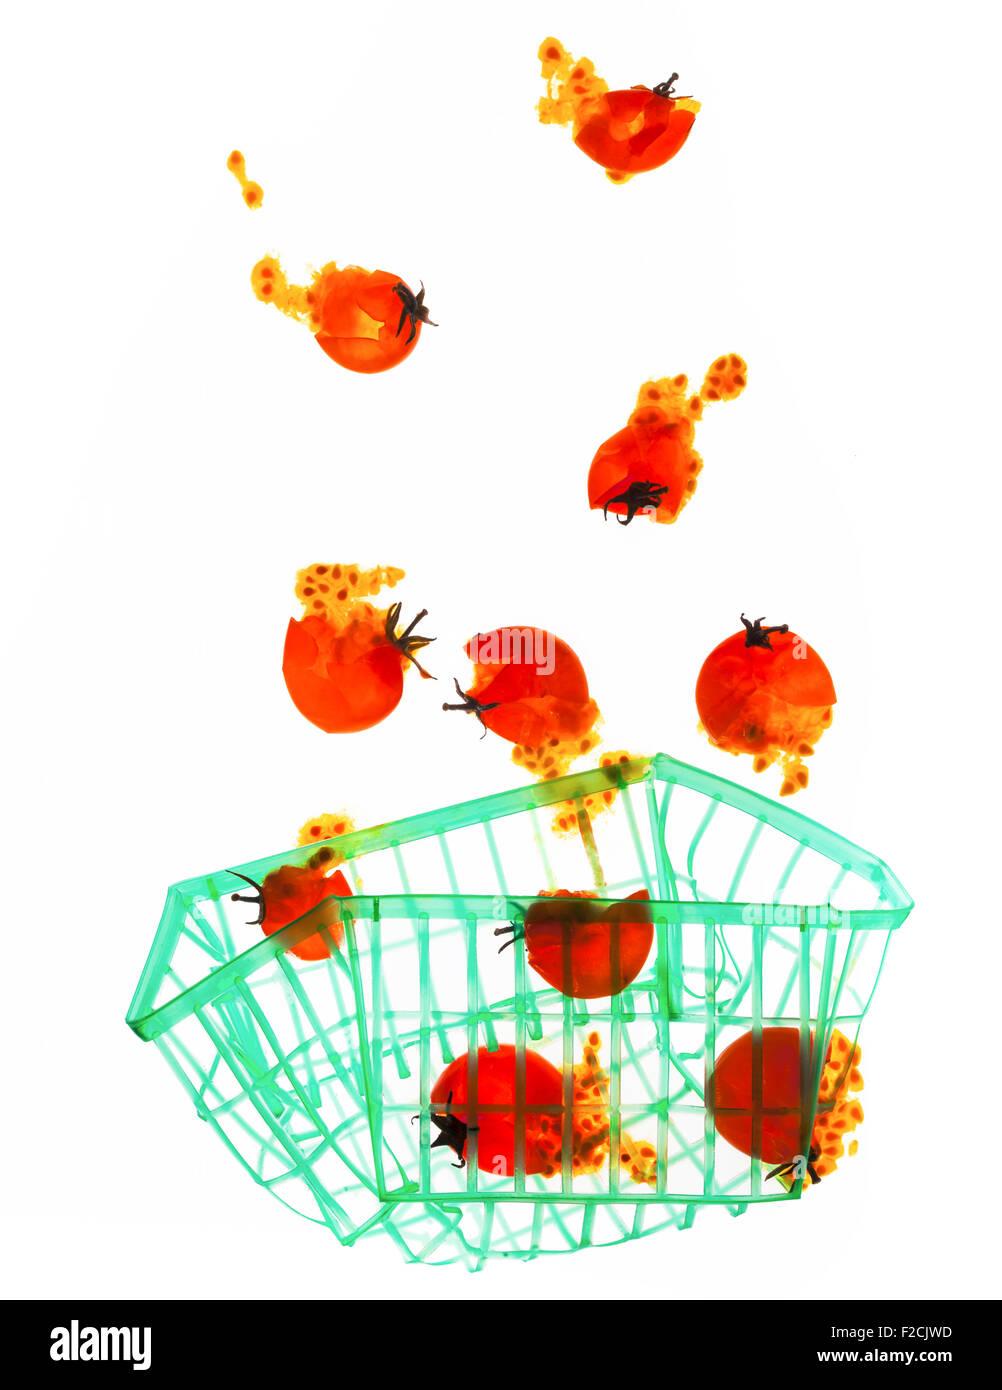 Zertrümmerte Kirschtomaten ragen aus einem abgeflachten Kunststoff grün Karton Stockbild